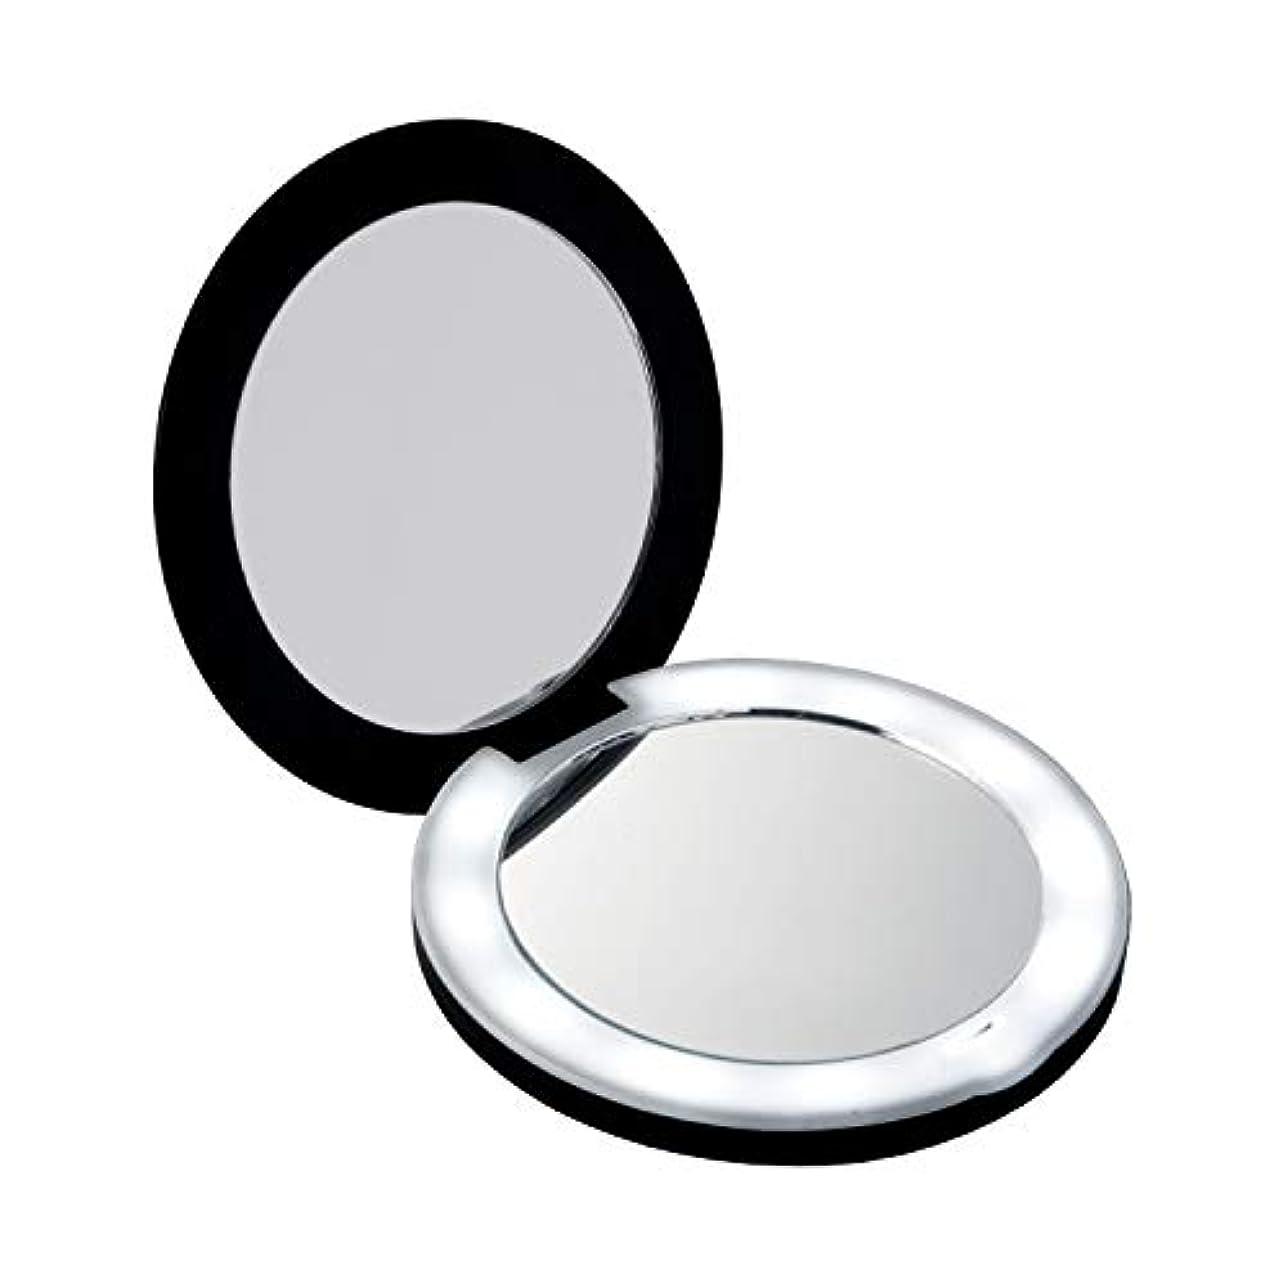 10倍拡大鏡コンパクト2面ミラー(ライト付) LEDライト メイク直し 化粧 折りたたみ 持ち運びに便利 女優ミラー 電池式 約9cm